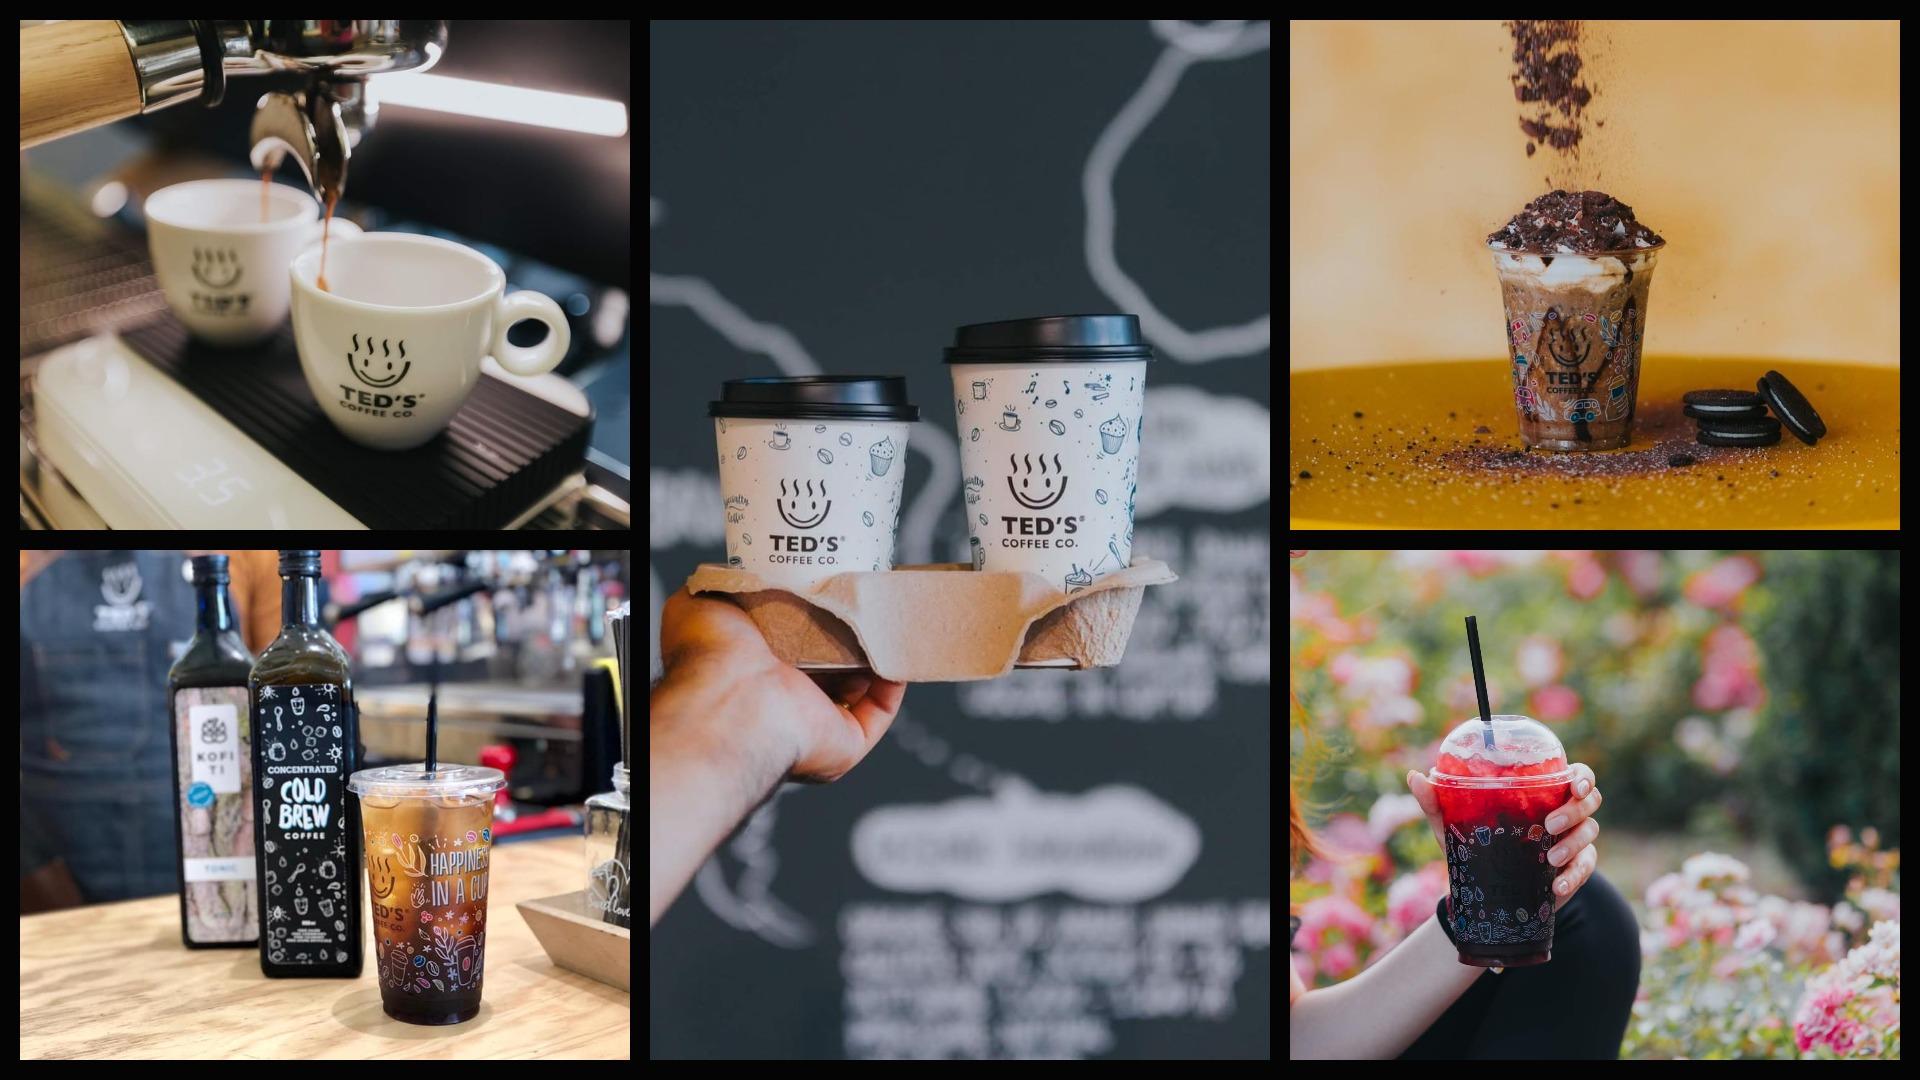 5 băuturi musai de încercat la Ted's Coffee Riviera